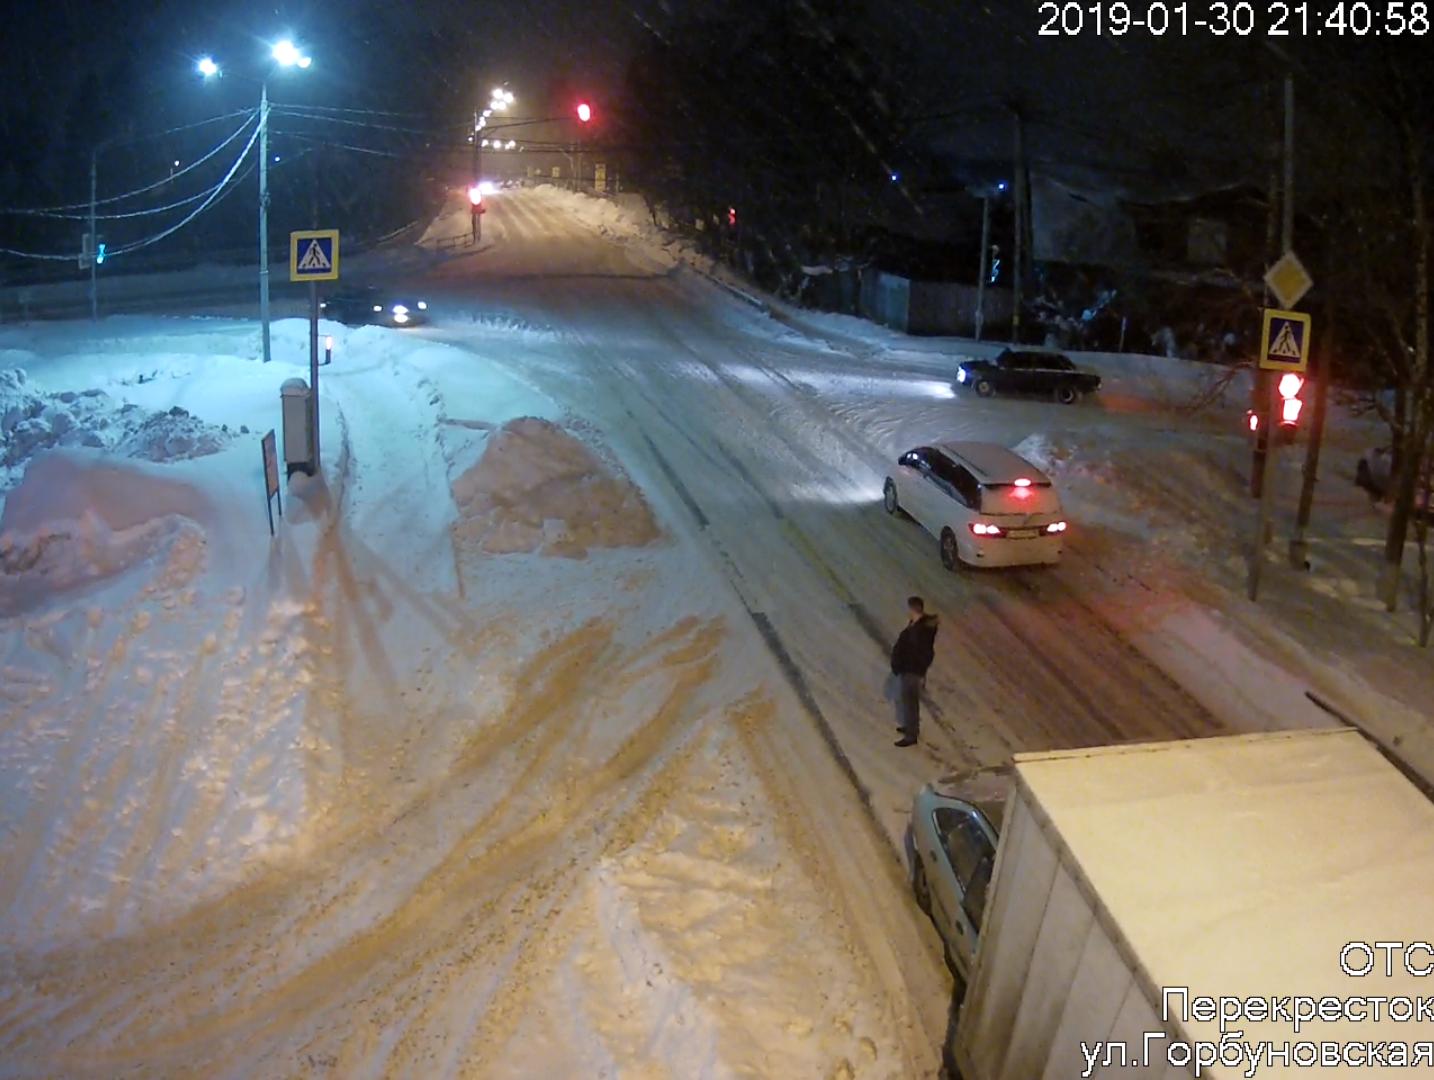 Авария на перекрёстке ул. Горбуновская